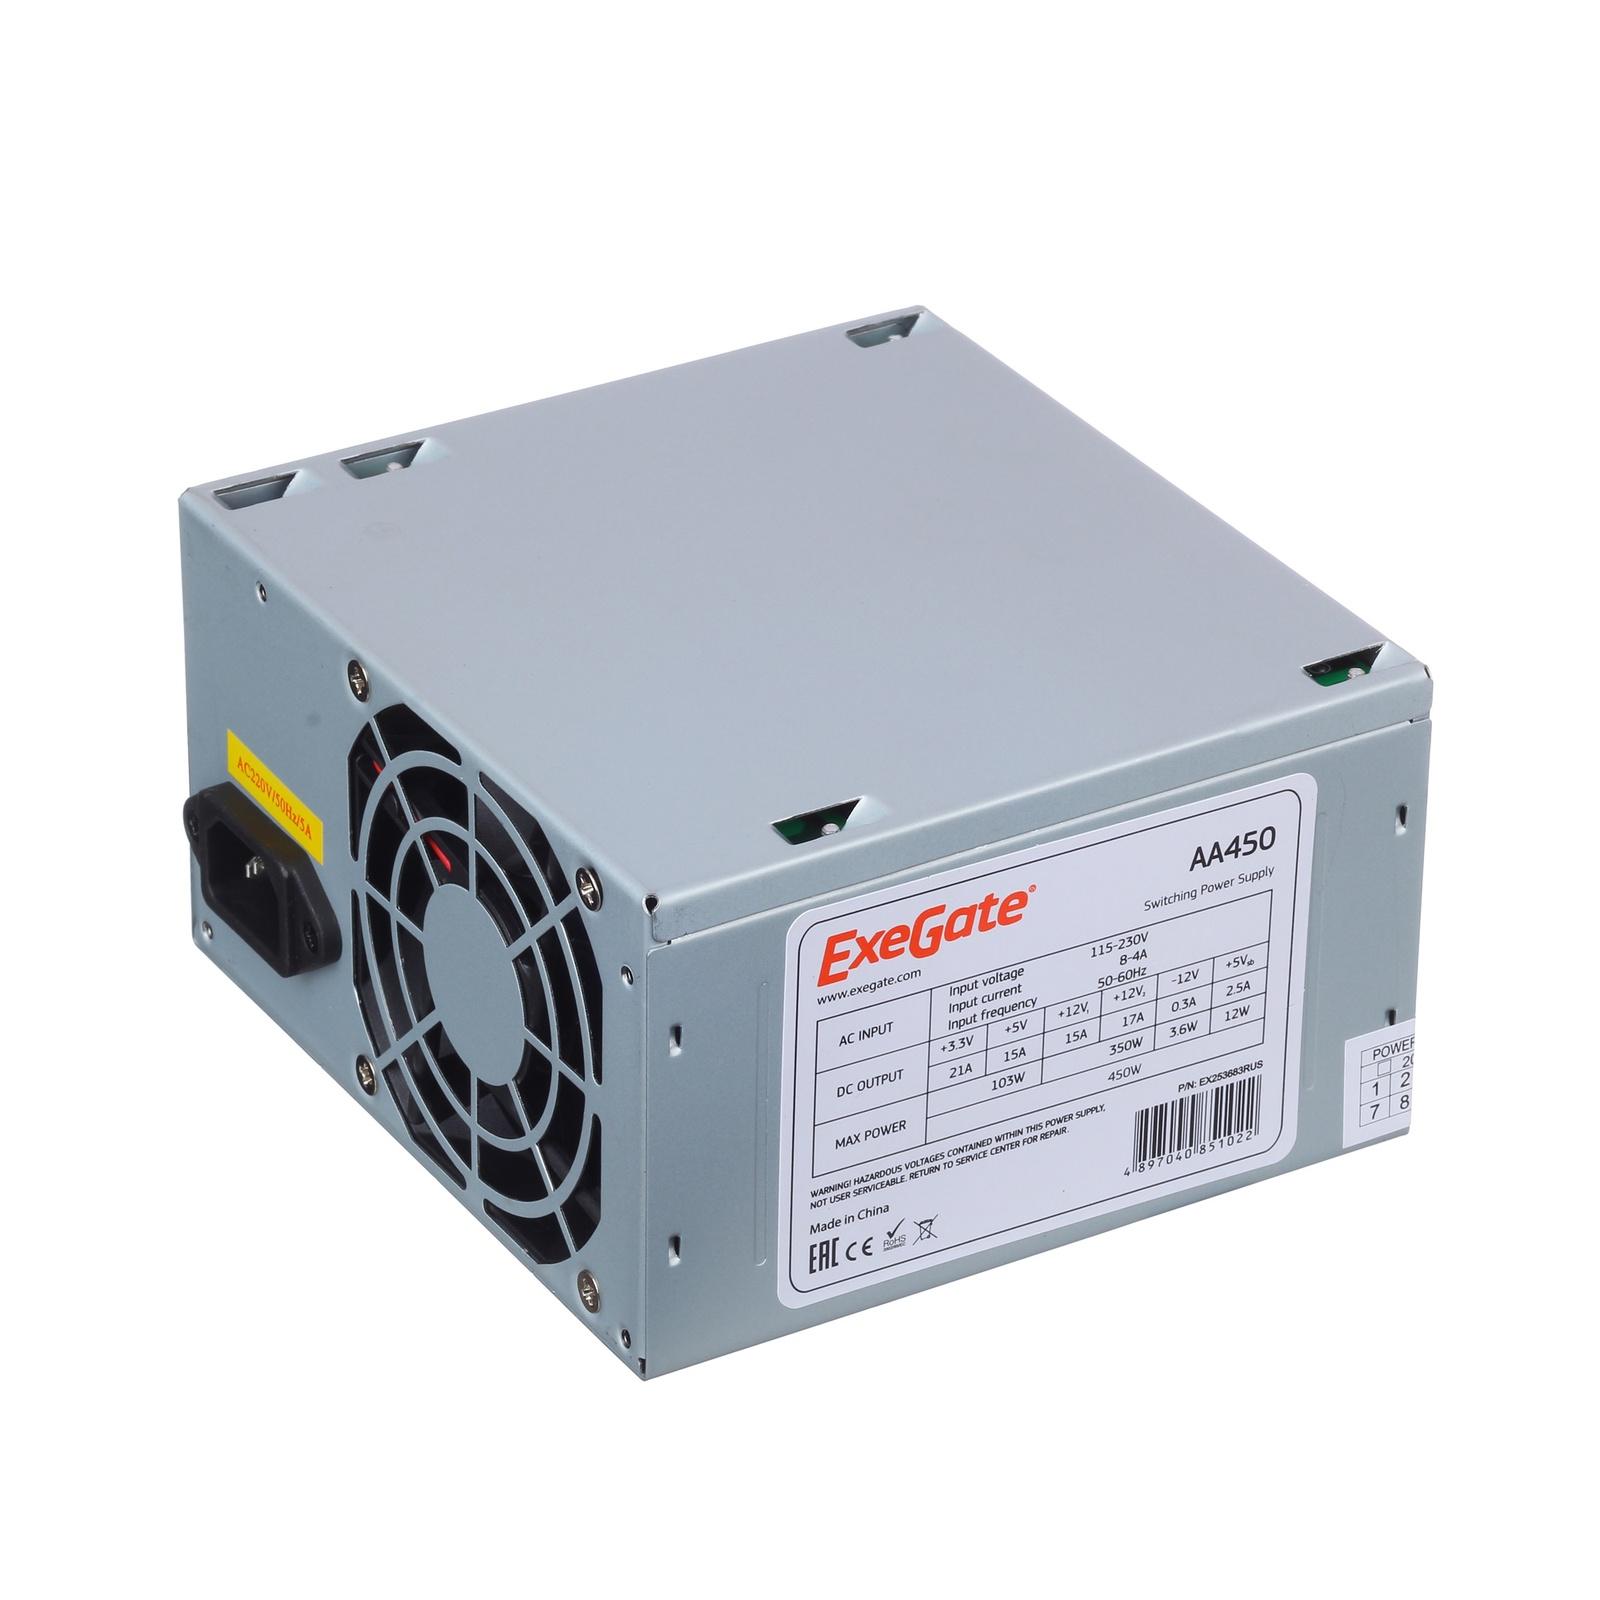 БП 450W Exegate AA450, ATX, 8cm fan, 24p+4p, 2*SATA, 1*IDE free shipping q5669 60664 for hp designjet t610 t1100 z2100 z3100 z3200 vacuum fan aerosol fan assembly original used